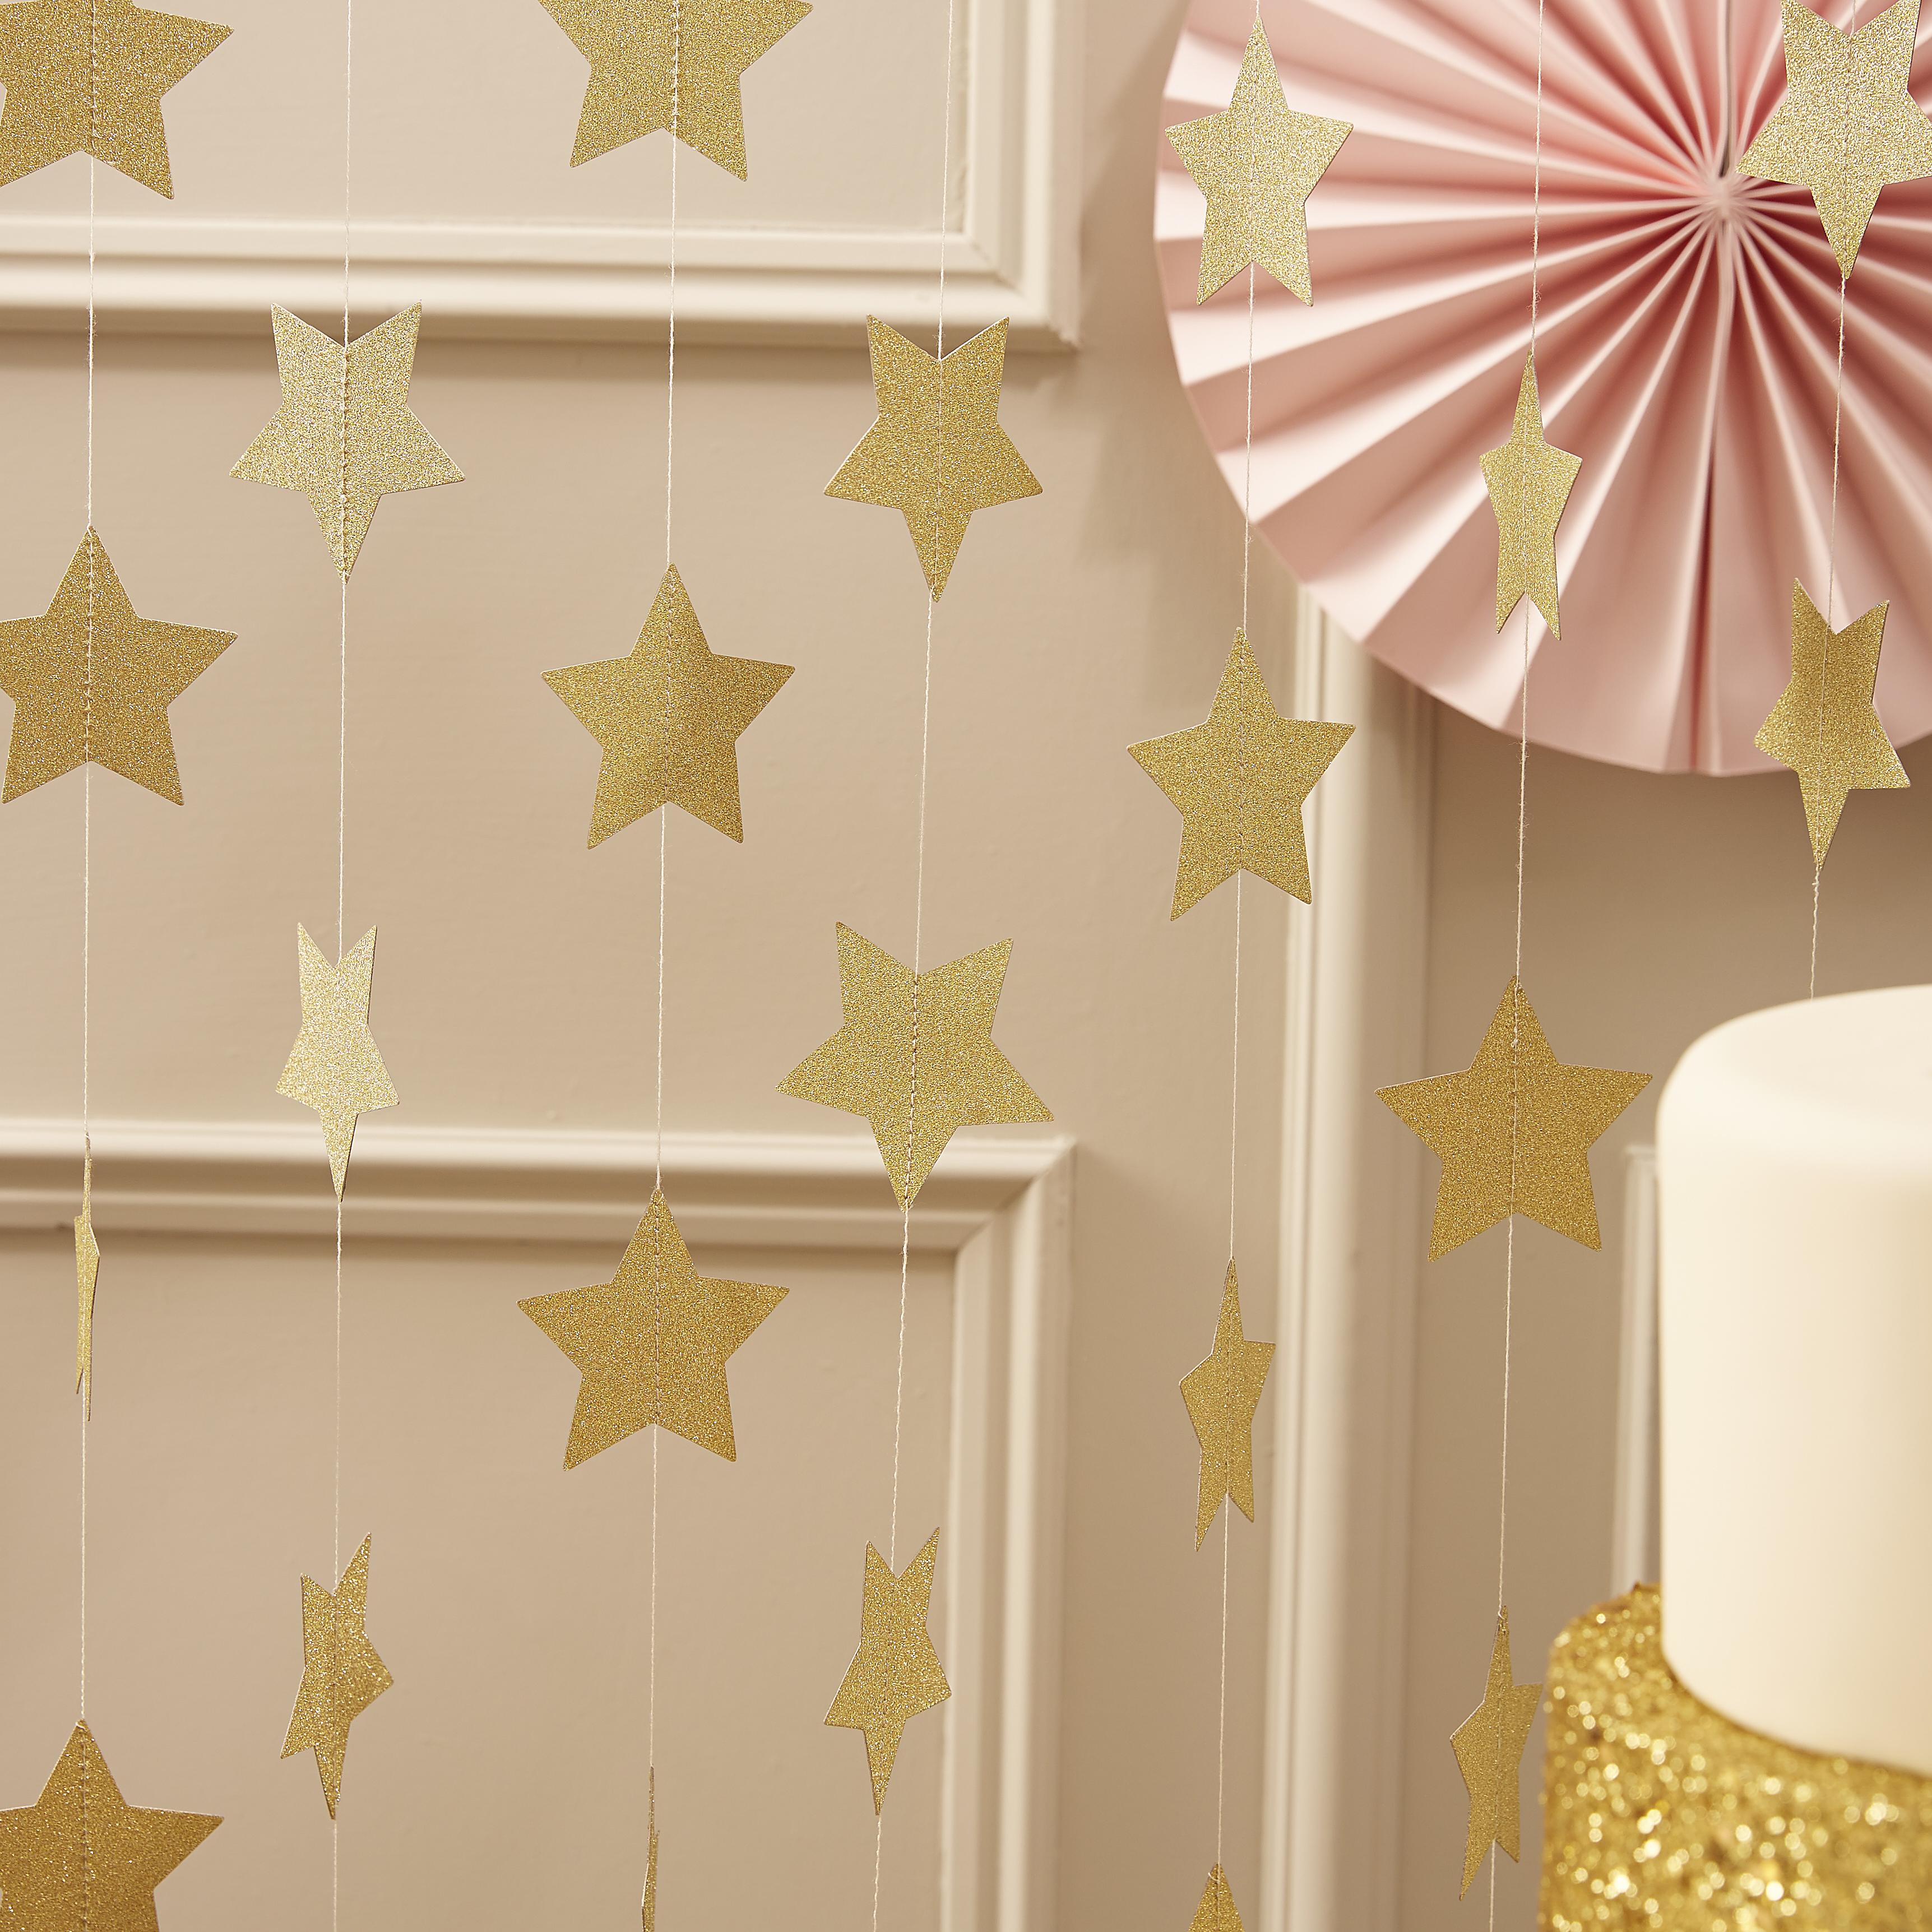 Oui Oui-Colección Rosa y Dorado. Guirnalda estrellas